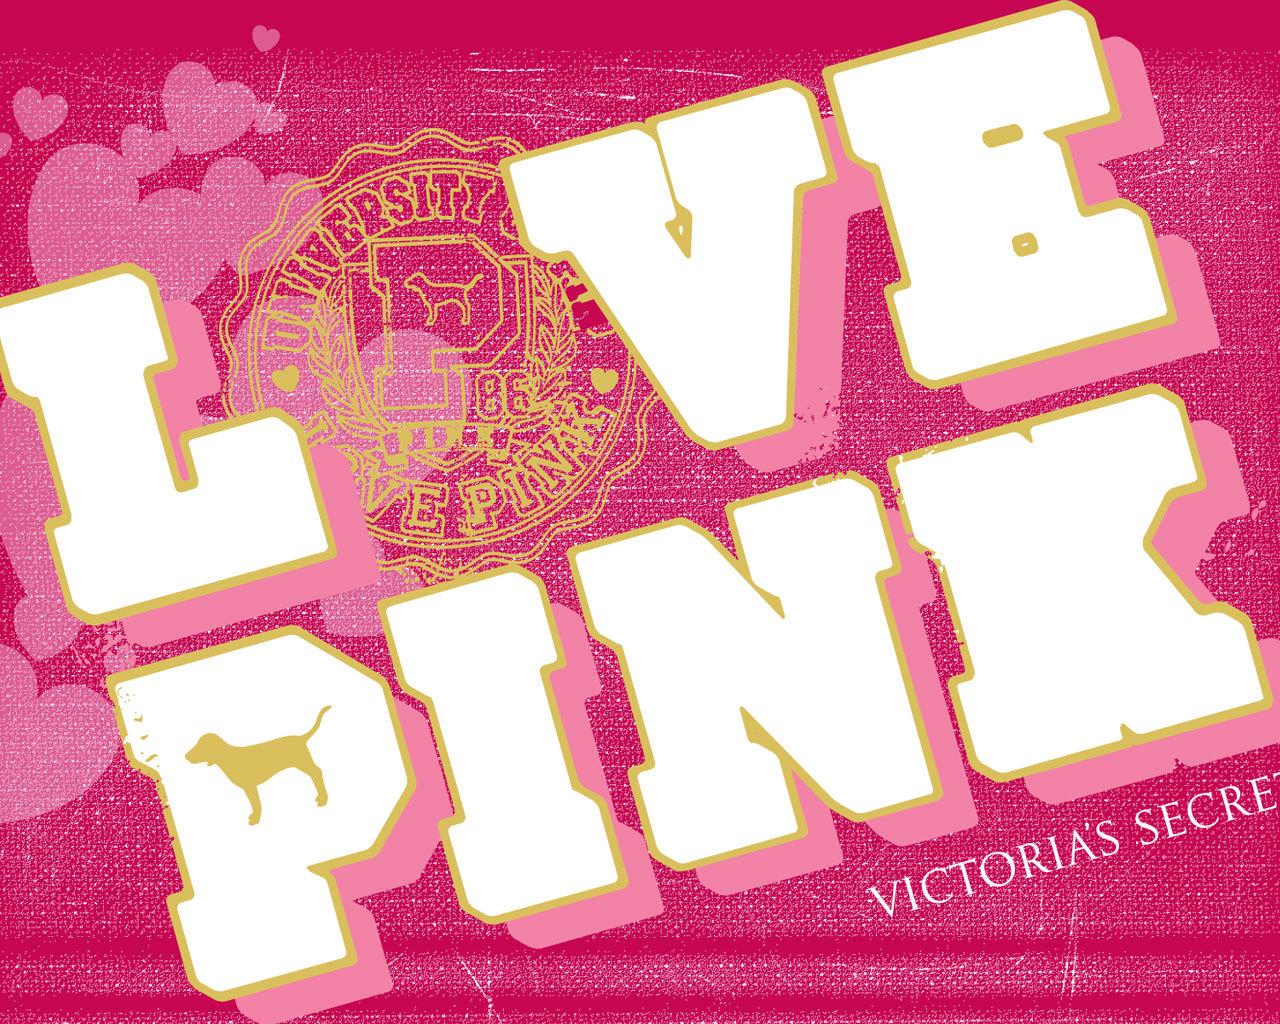 ビクトリアシークレットピンクシングス ピンク店の壁紙 1280x1024 Wallpapertip